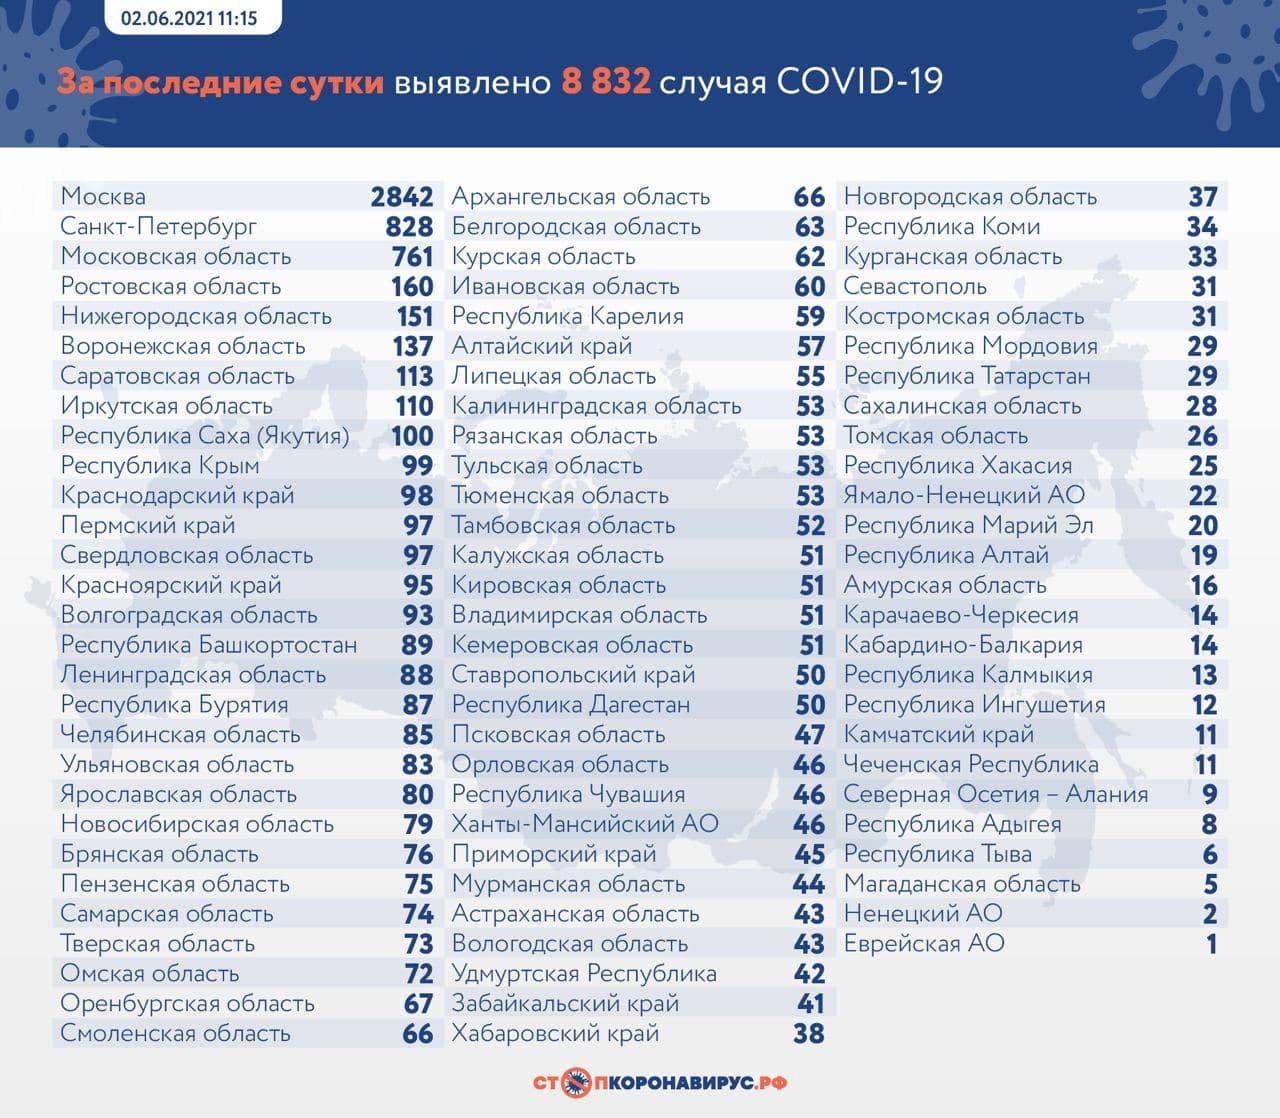 В России выявили 8 832 новых случая заражения за сутки